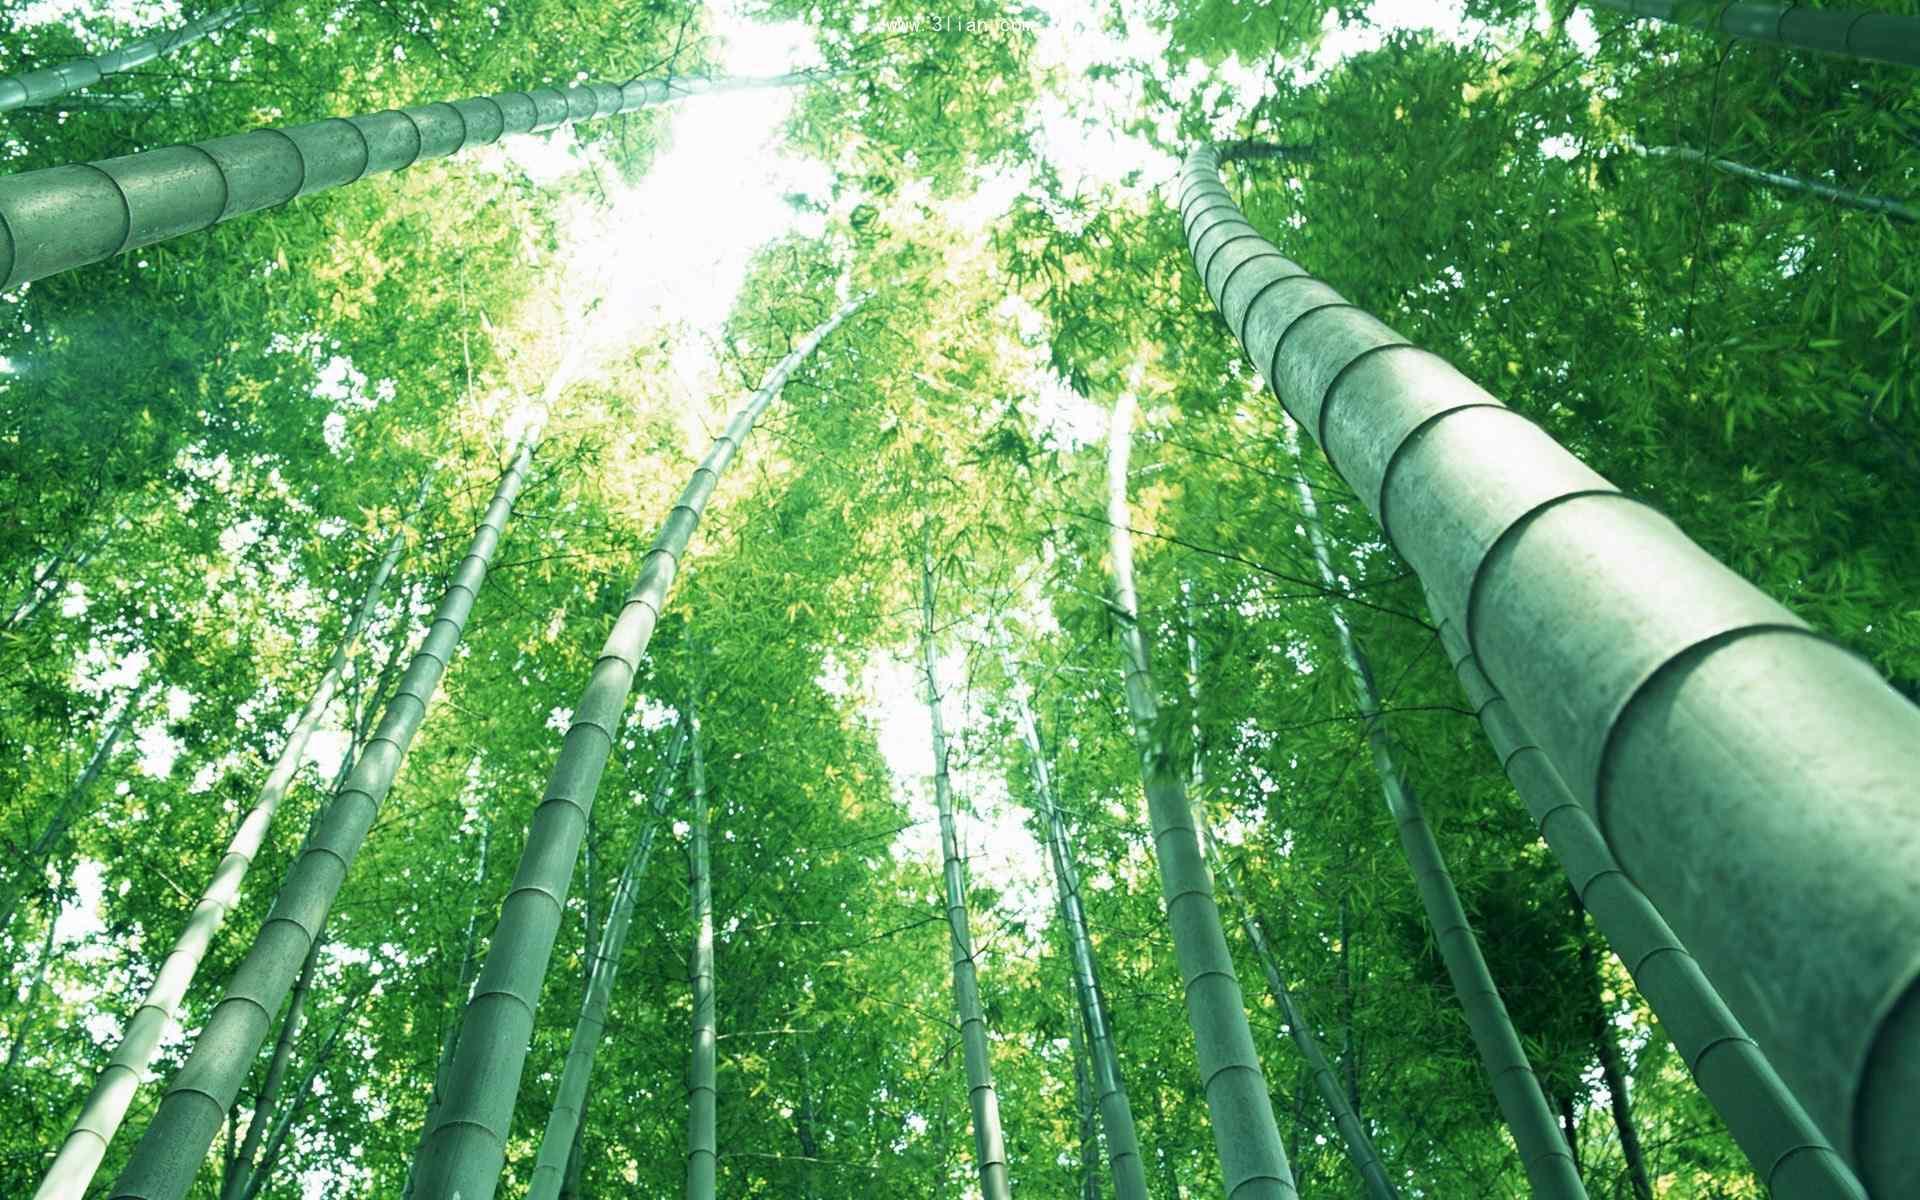 秀美的竹林风景桌面壁纸